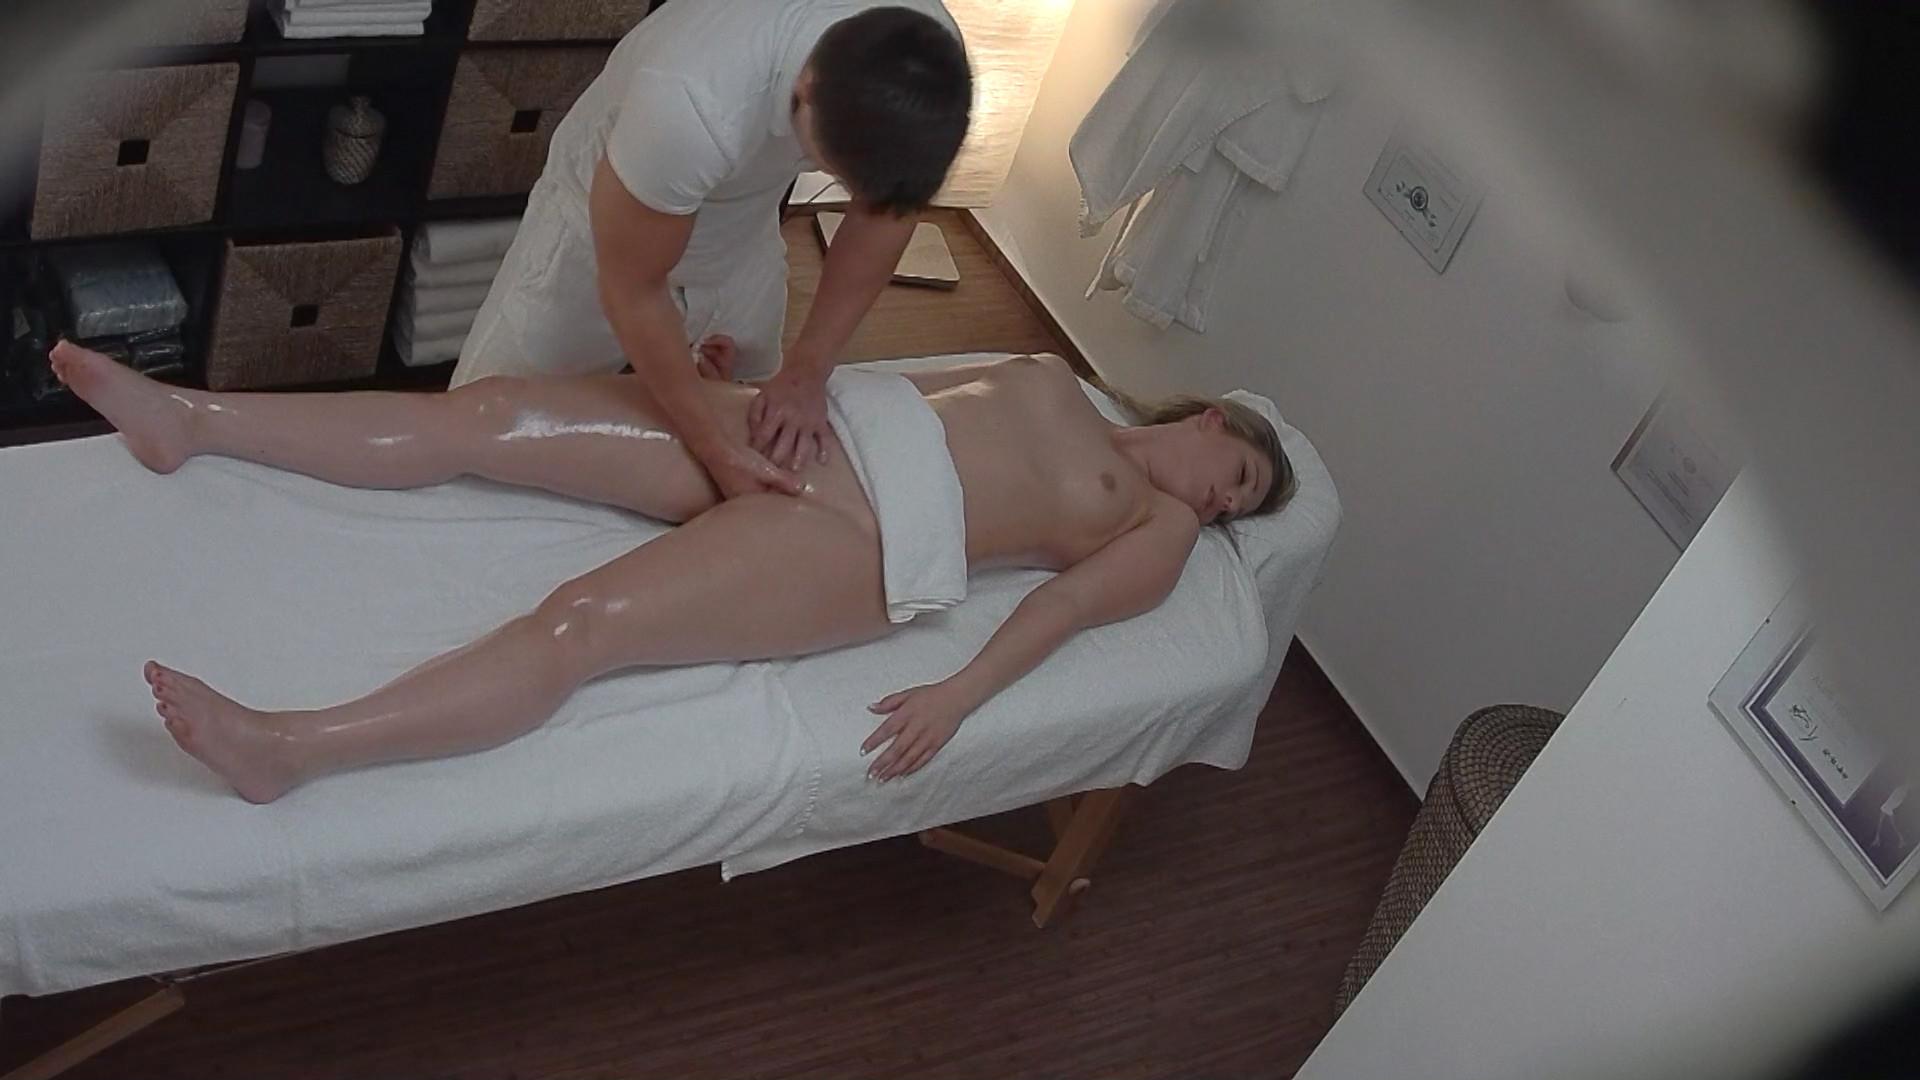 massazhniy-salon-porno-video-onlayn